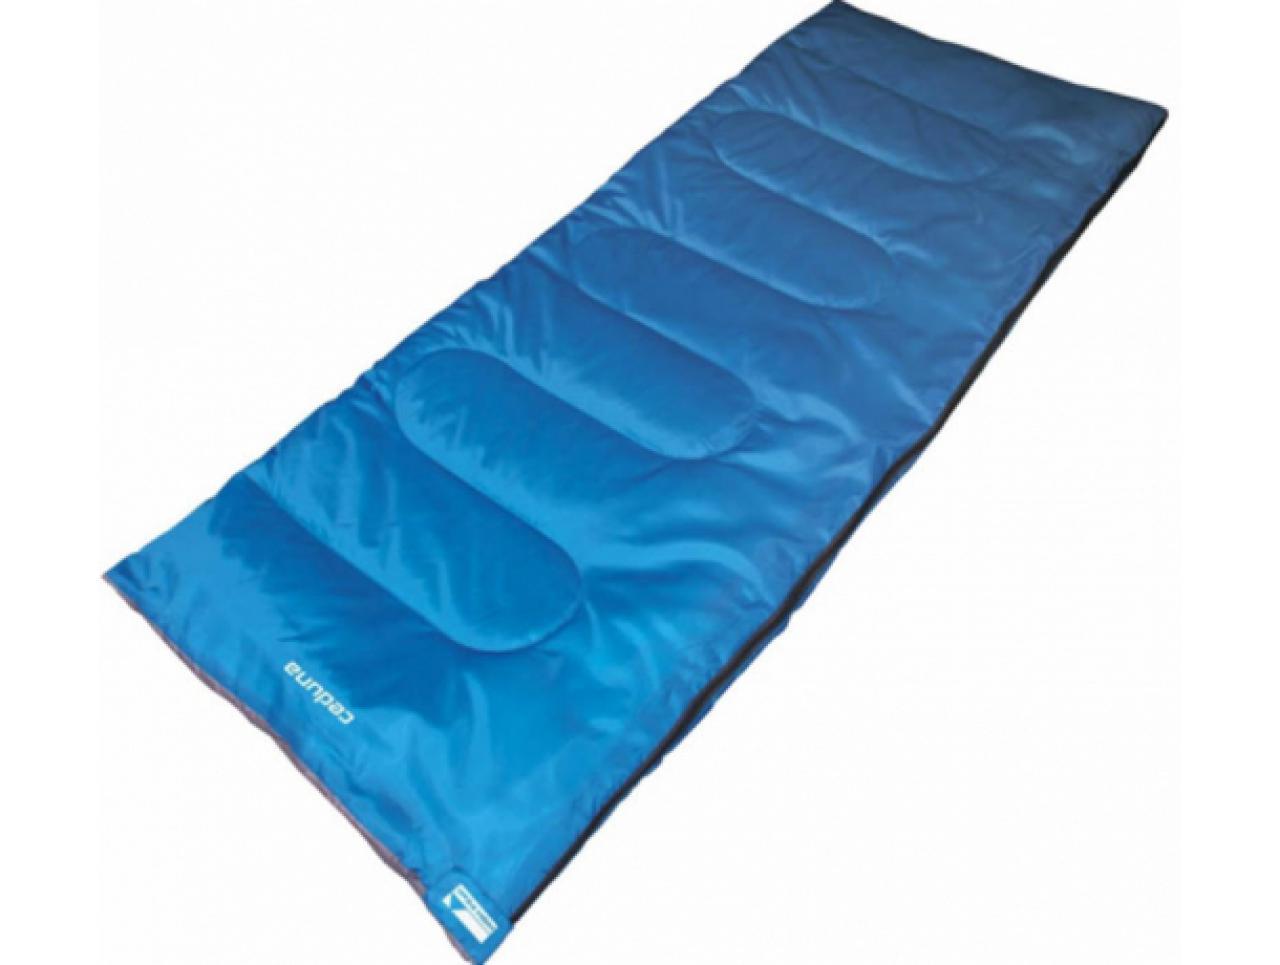 Спальный мешок High Peak Ceduna  20058FZСпальные мешки<br>Внешняя ткань спальника High Peak Ceduna 20058FZ - полиэстер, а внутренняя - хлопок с добавлением полиэстера.<br><br>Преимущества спальника HIGH PEAK Ceduna 20058FZ<br>- Возможность использования как одеяло;<br>- Двухсторонняя молния по всей длине;<br>- Температура комфорта: &amp;#43; 10°С;<br>- Состёгивание с аналогичным спальником;<br>- Небольшой вес;<br>- Износоустойчивость;<br>- Легко стирать;<br>- Нижняя температура комфорта &amp;#43;6° С;<br>- Внутренний карман.<br><br>Тип: спальный мешок<br>Температура комфорта: + 10°С<br>Наружный материал: полиэстер<br>Внутренний материал: полиэстер (65% Polyester, 35% Cotton)<br>Наполнитель: синтетика (Polyester Hollow Fiber 1x300 г/кв. м, 950 г)